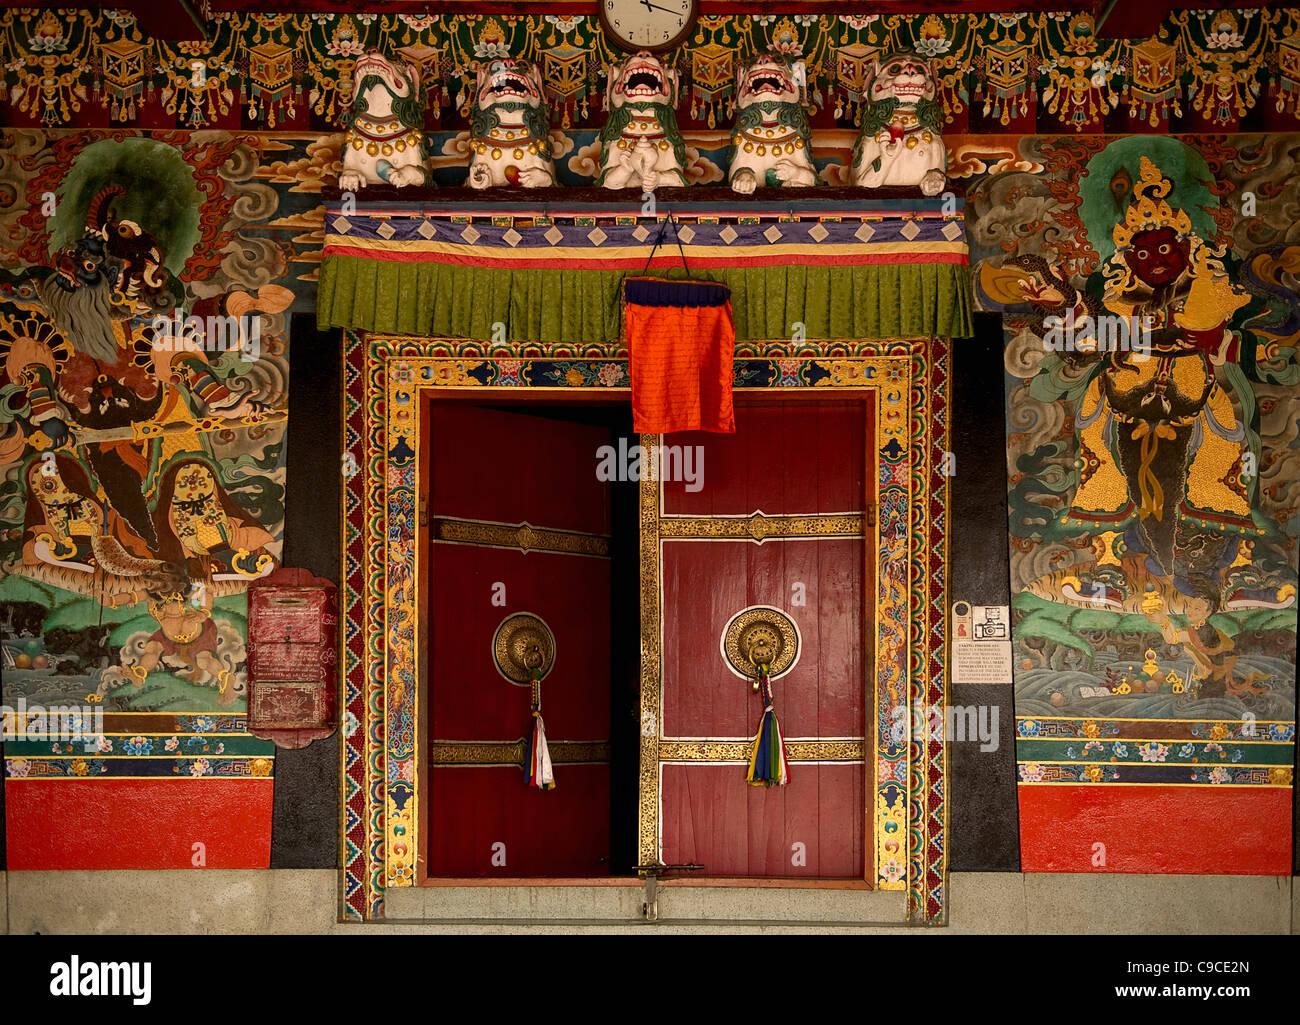 La India, el sur de Asia, Sikkim, puertas de un monasterio budista pintado por Lamas. Foto de stock